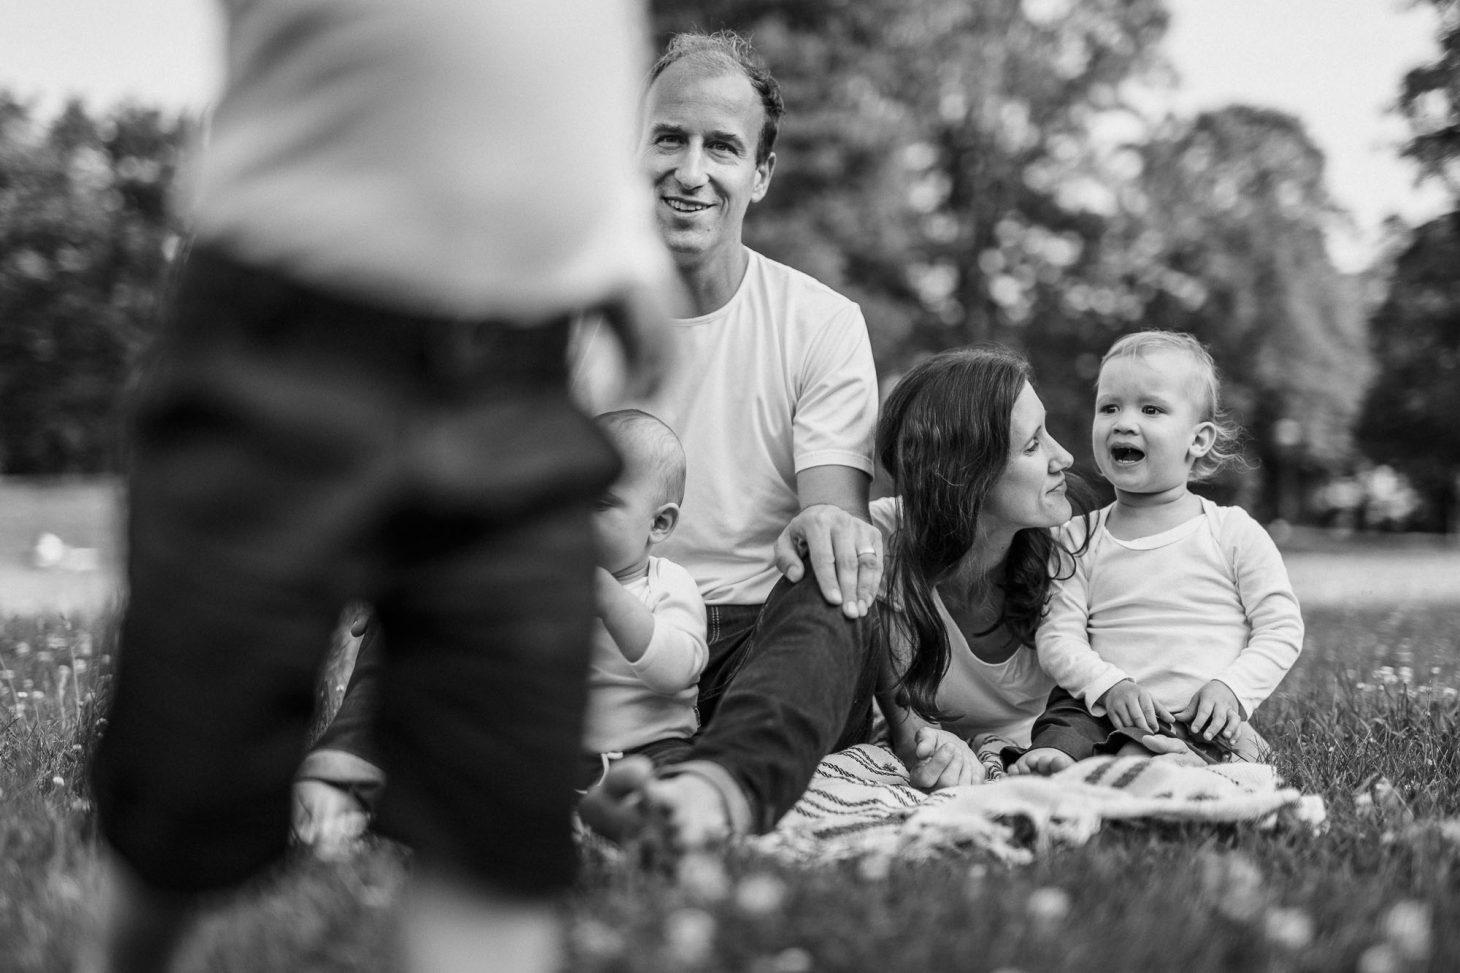 Familienfotografie by Raissa + Simon. Junge Familie im Park